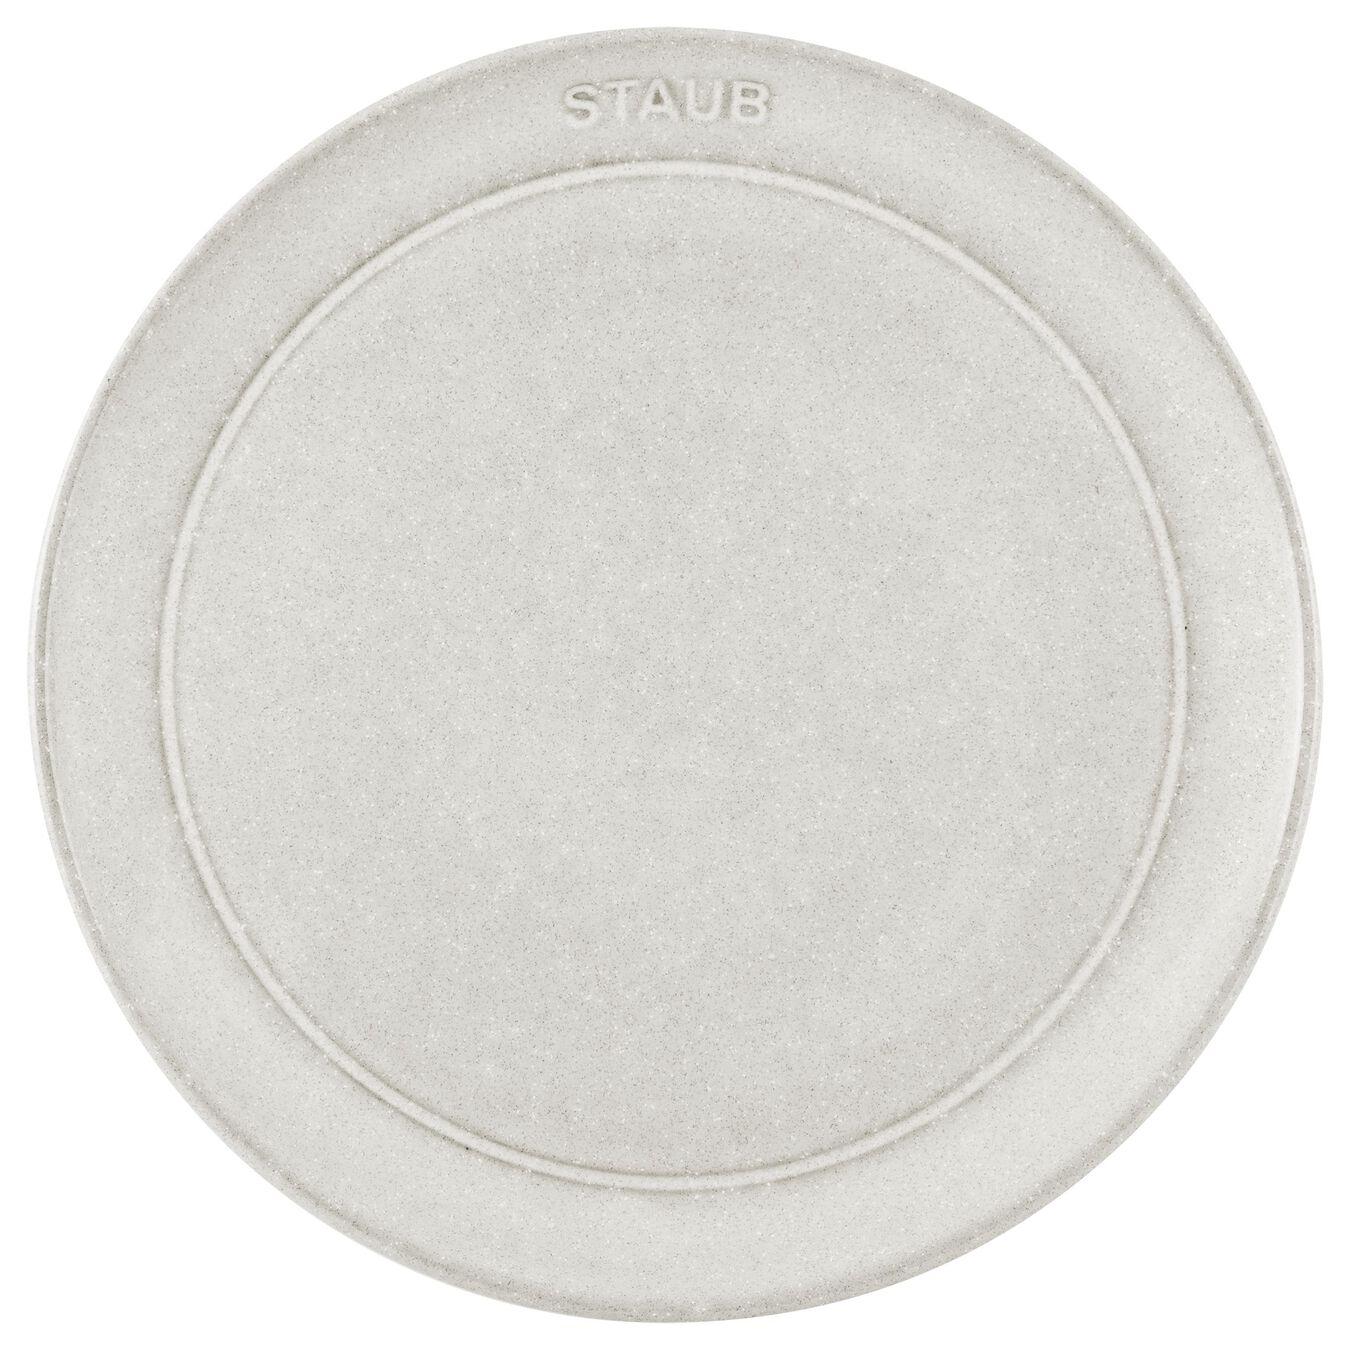 Piatto piano rotondo - 20 cm, tartufo bianco,,large 2